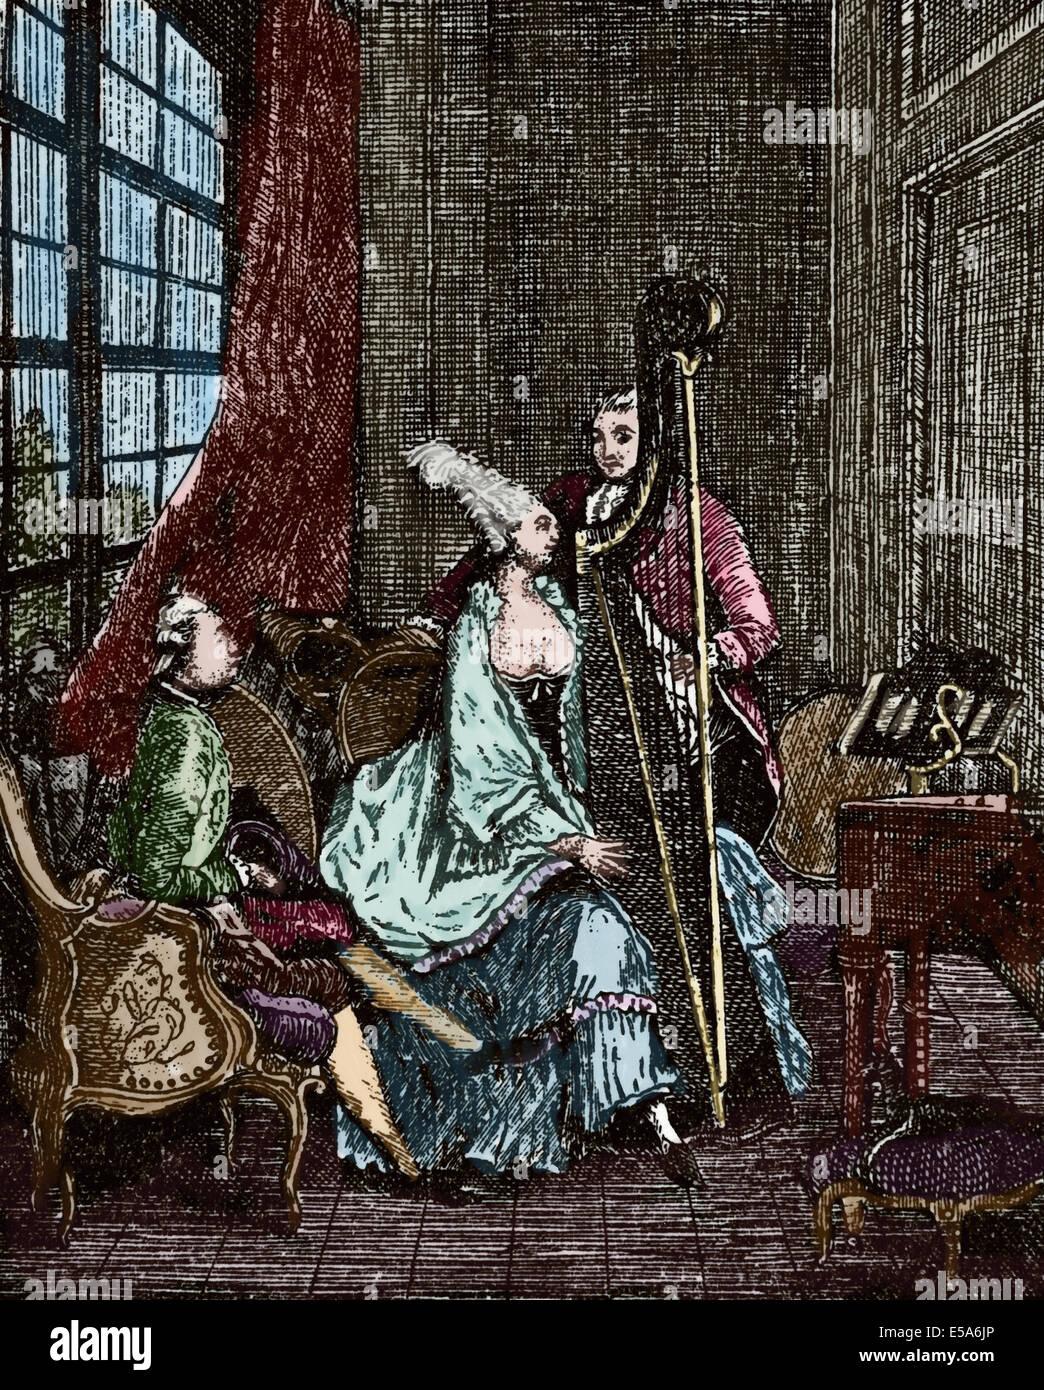 La società. Il XVIII secolo. Musicista. Arpista. Incisione. Colorati. Immagini Stock